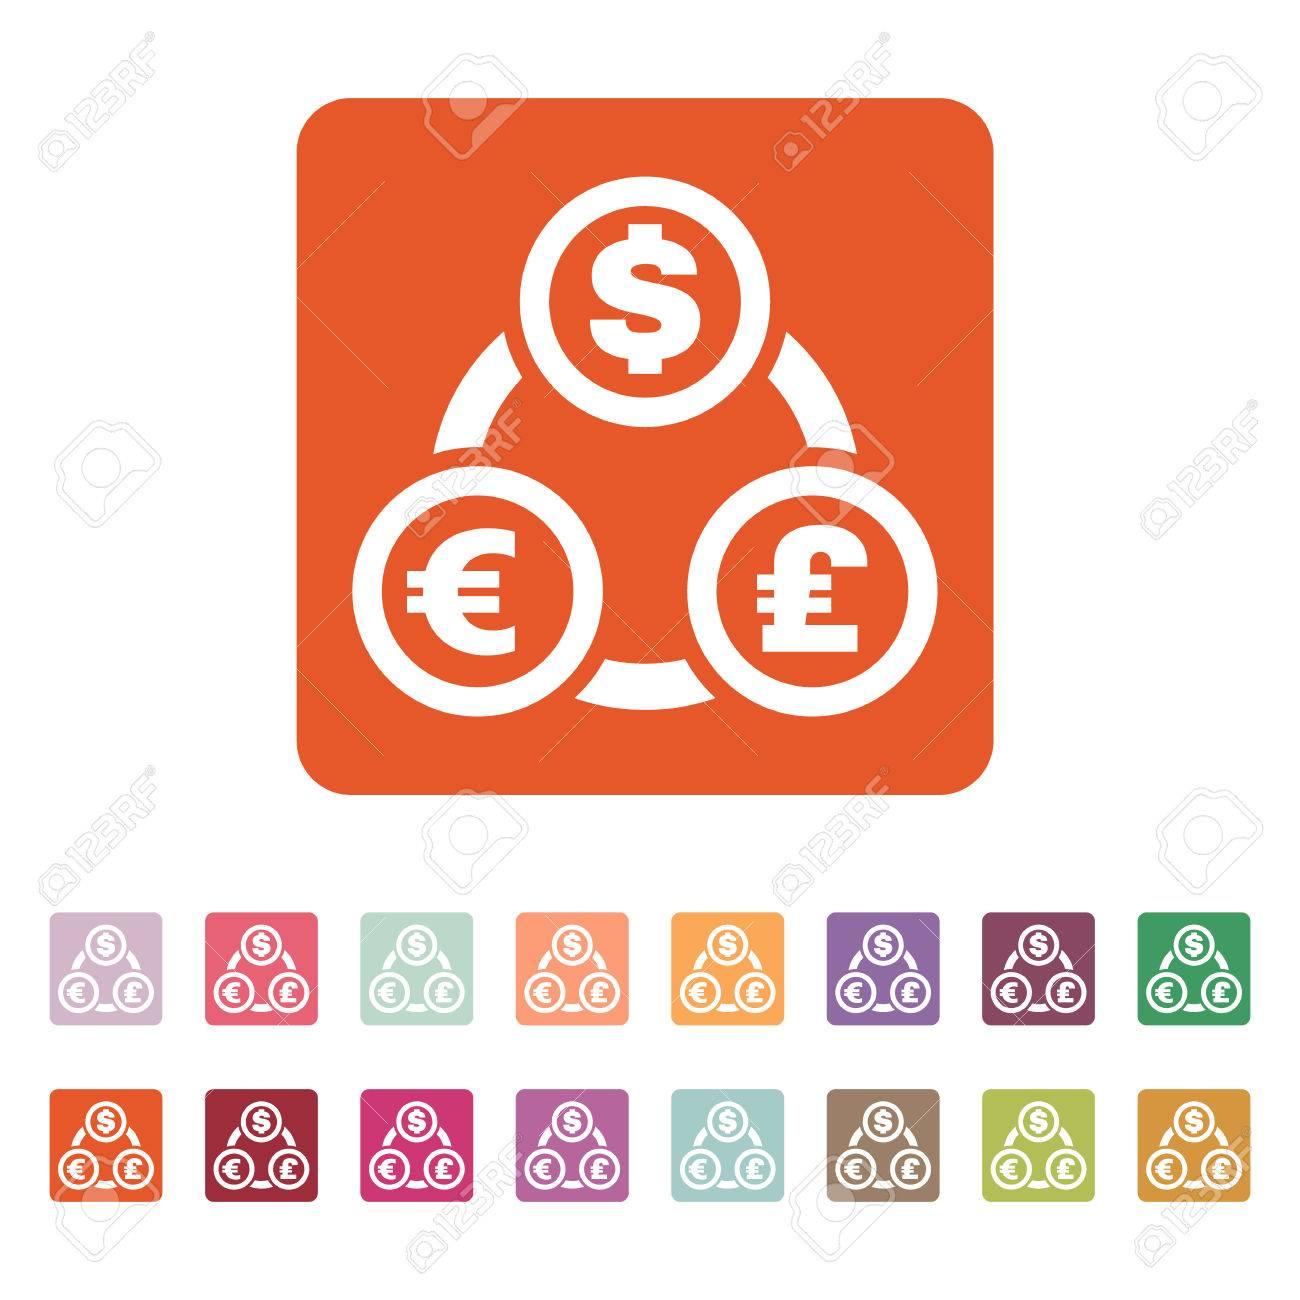 Le Dollar De Change De Devise Euro Icone De Livre Sterling Tresorerie Et Argent Richesse Symbole De Paiement Illustration Vectorielle Plane Jeu